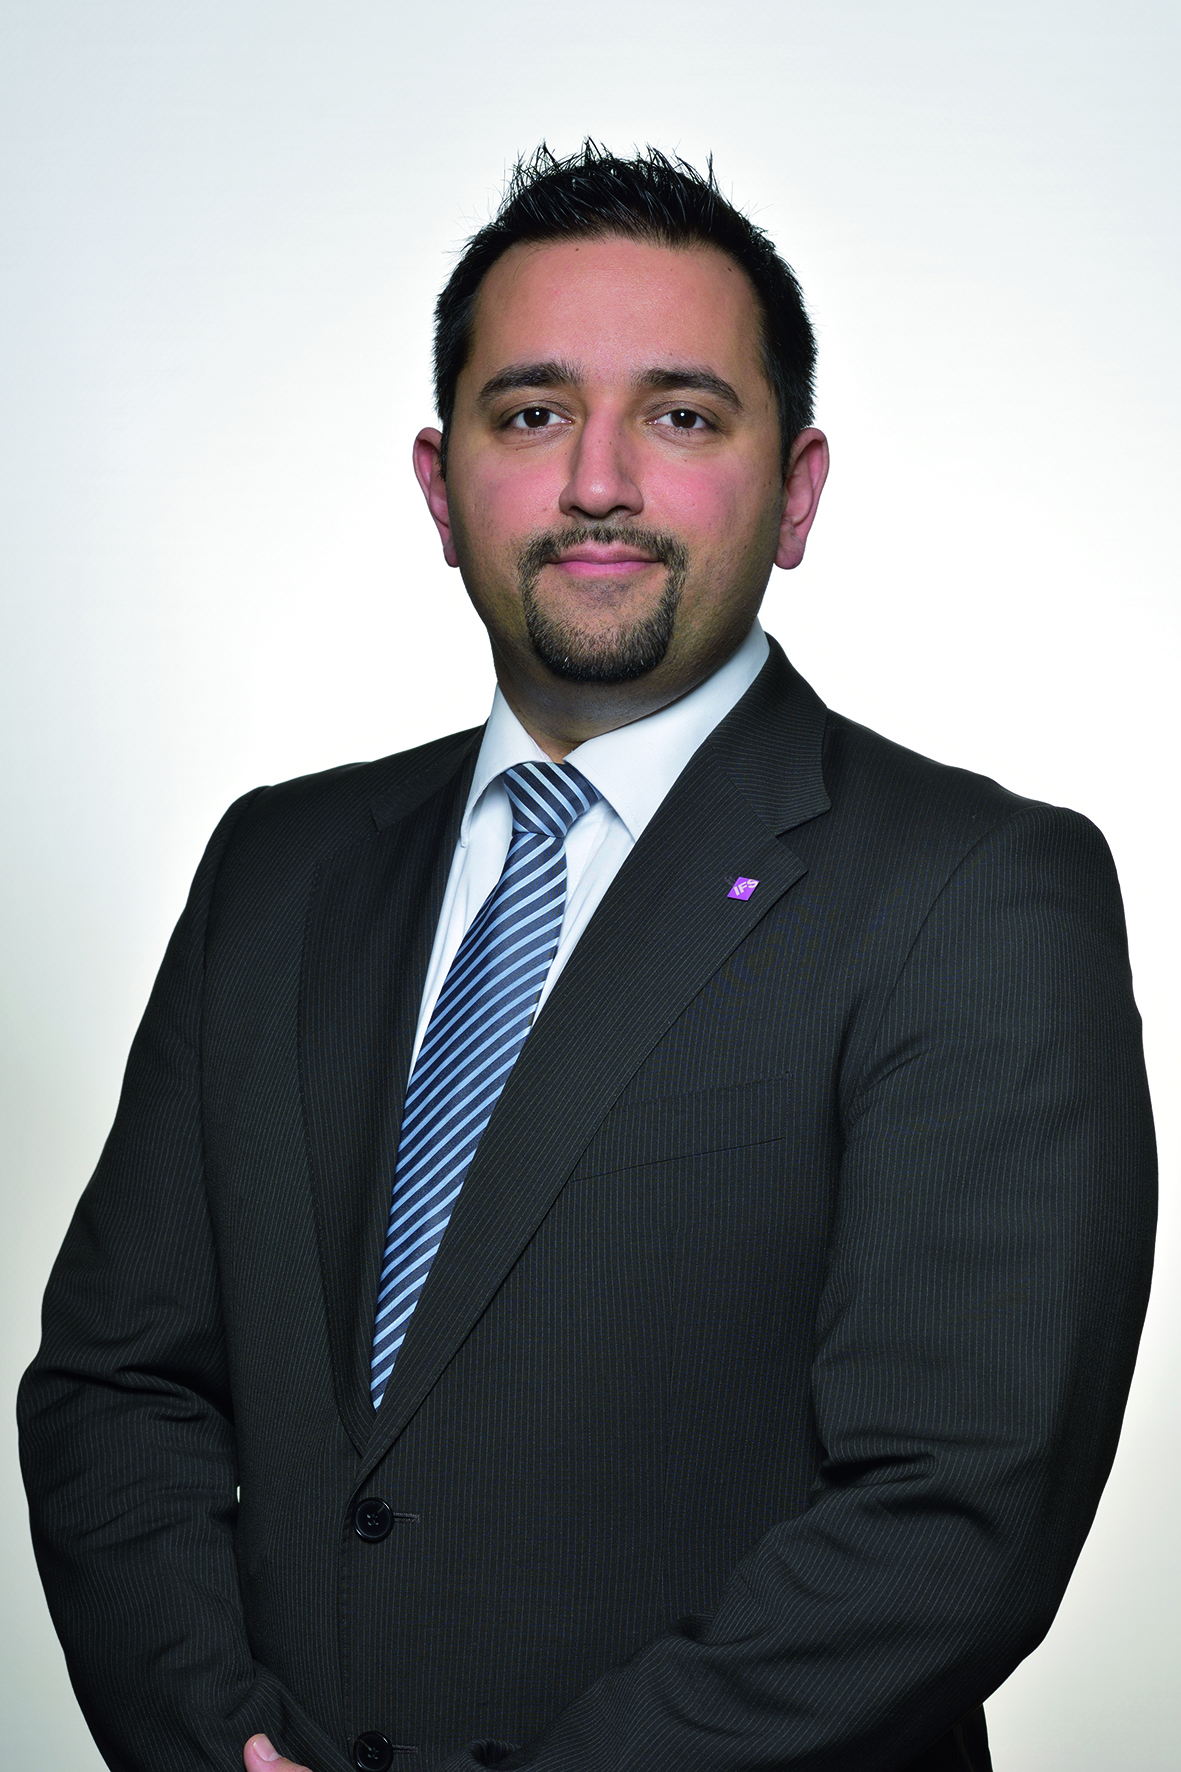 Ata Abdavi Azar, Autor des Artikels, wie man mit dem Register Blockchain ein Asset Management machen kann.